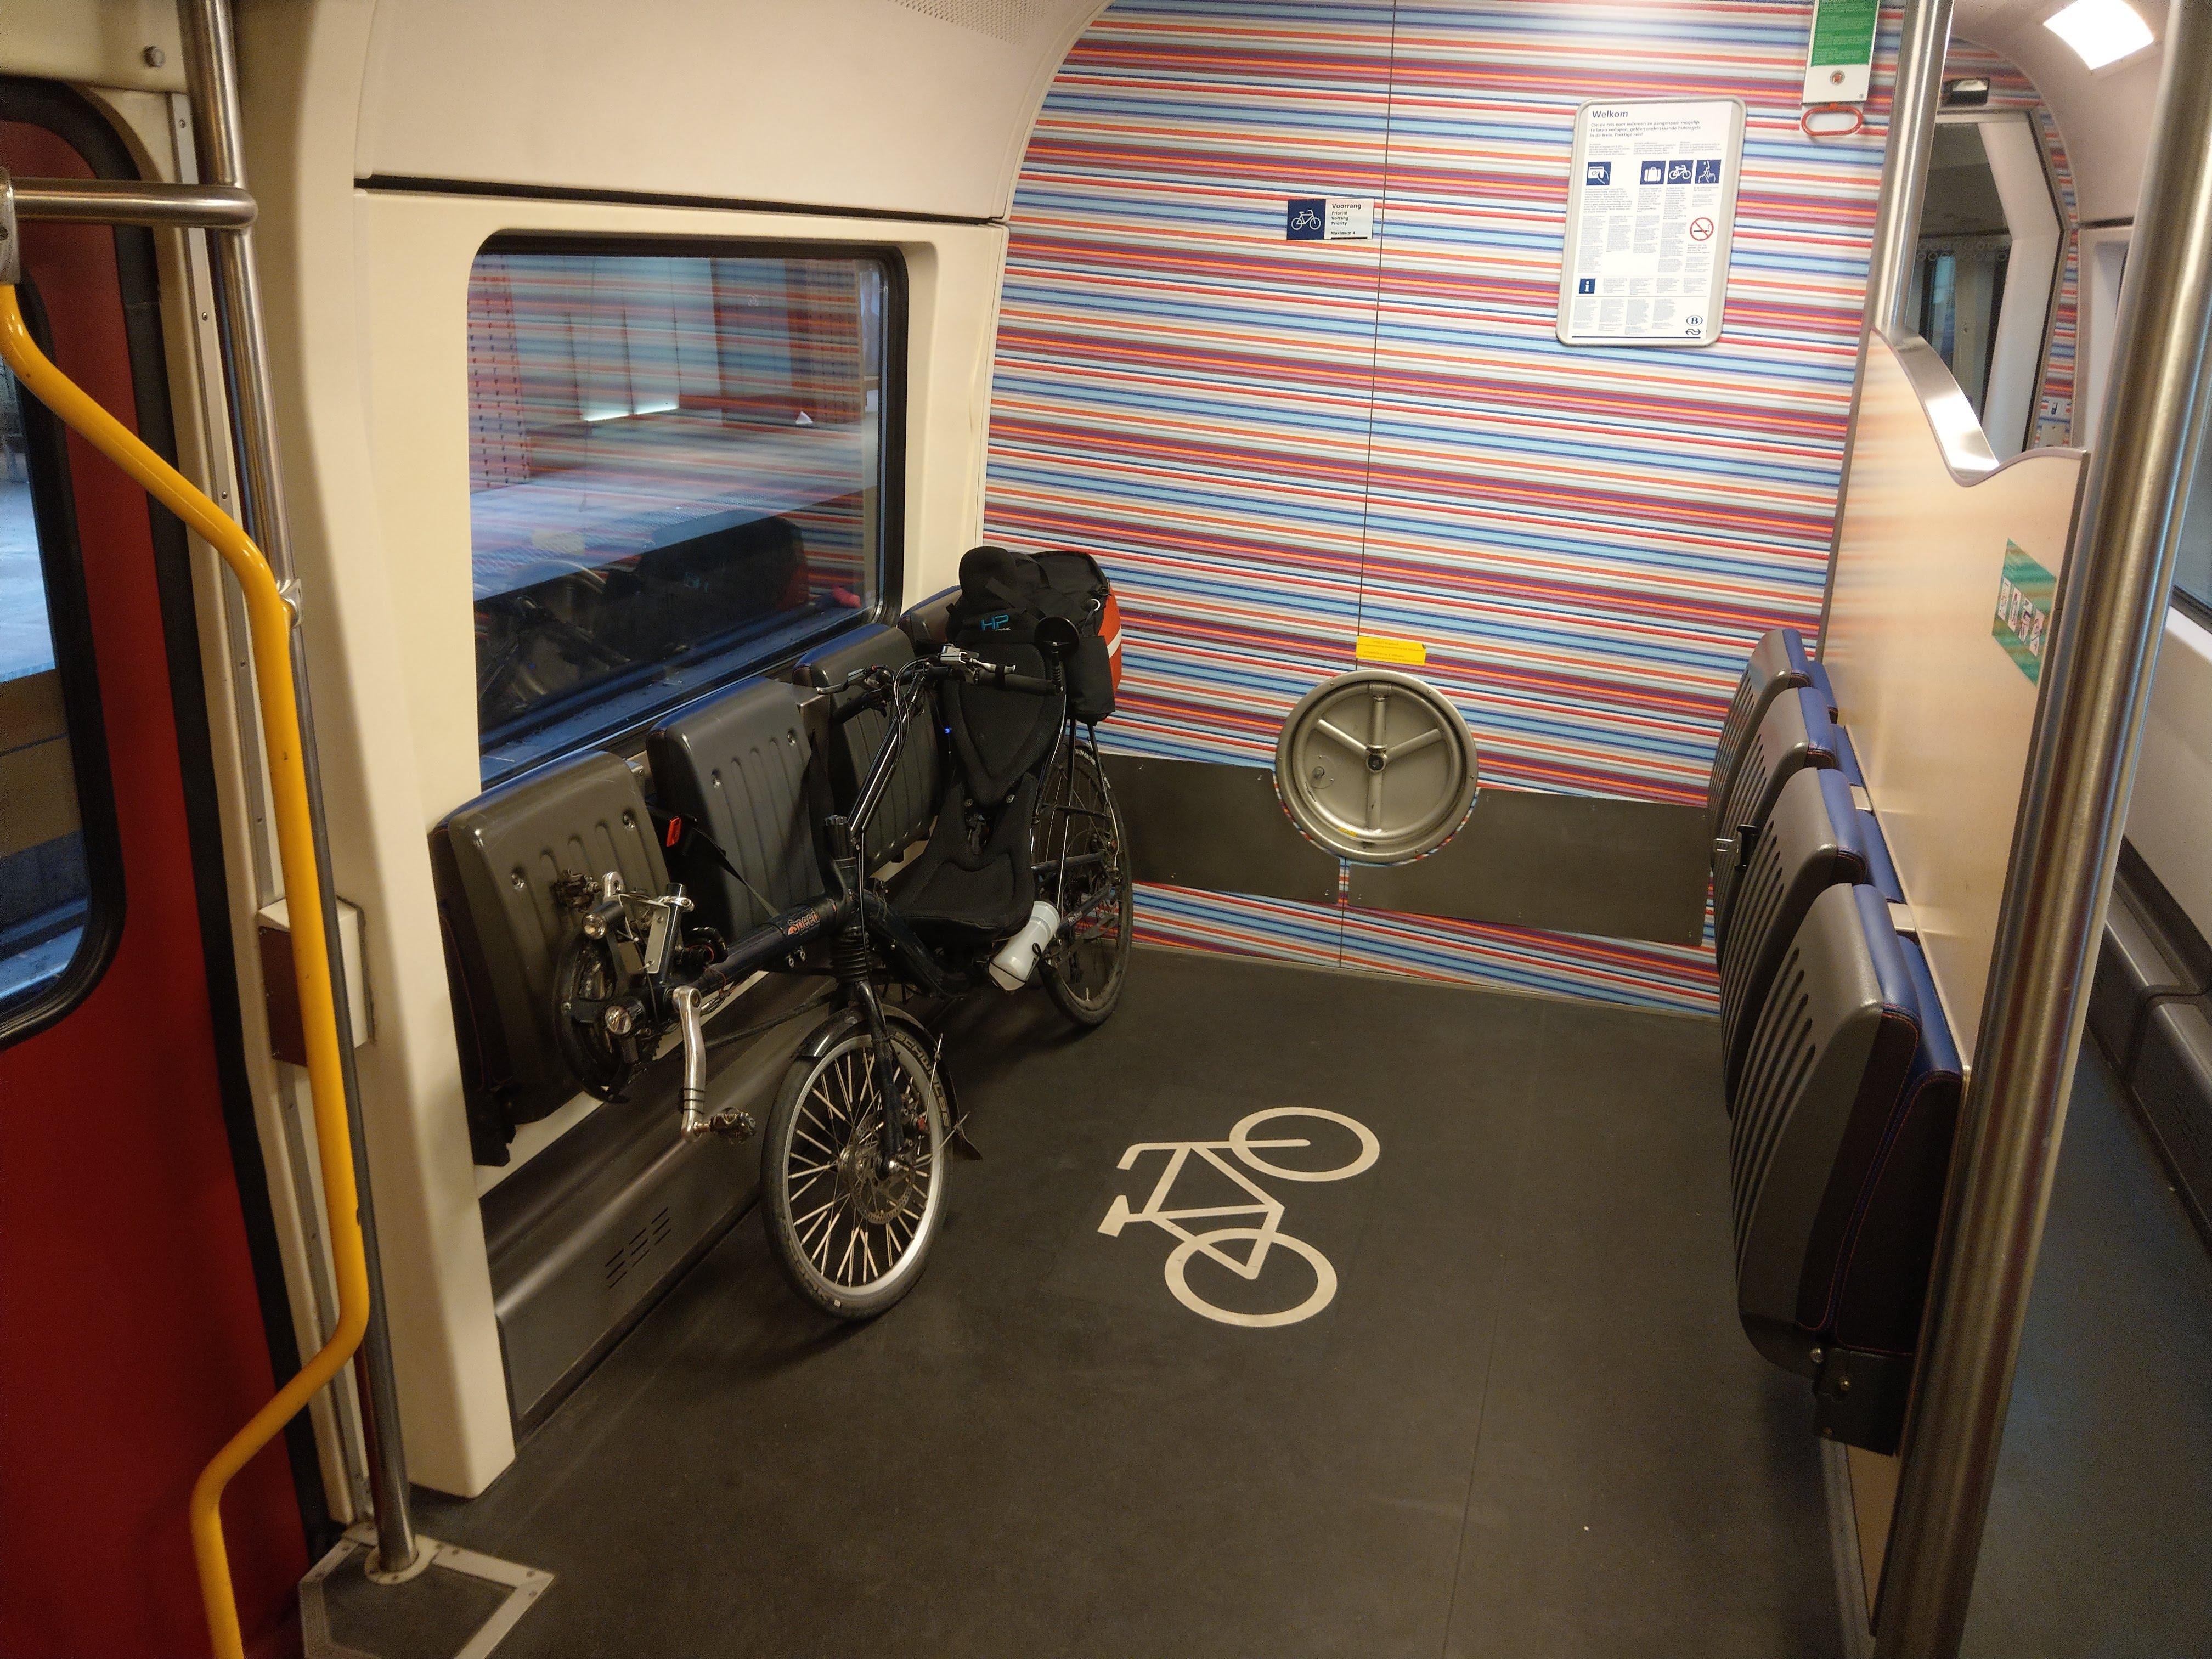 Fahrrad im niederländischen IC